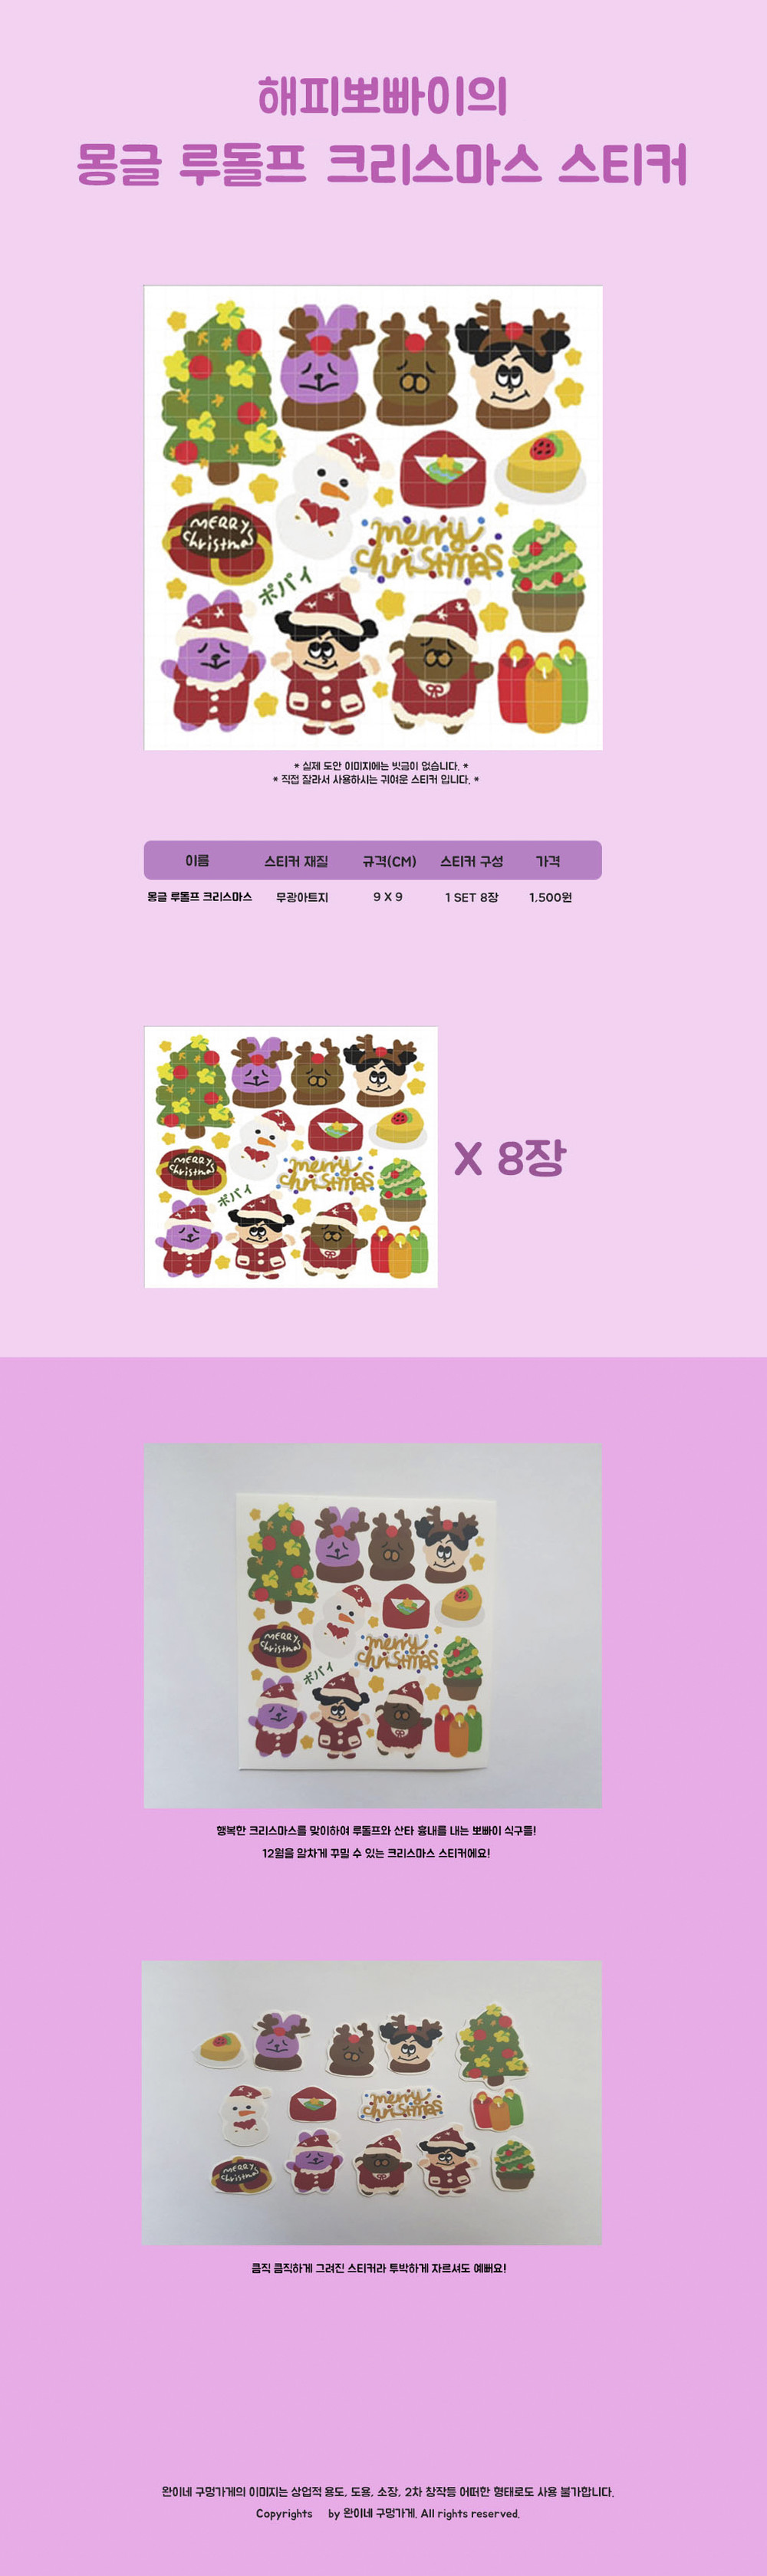 sticker169